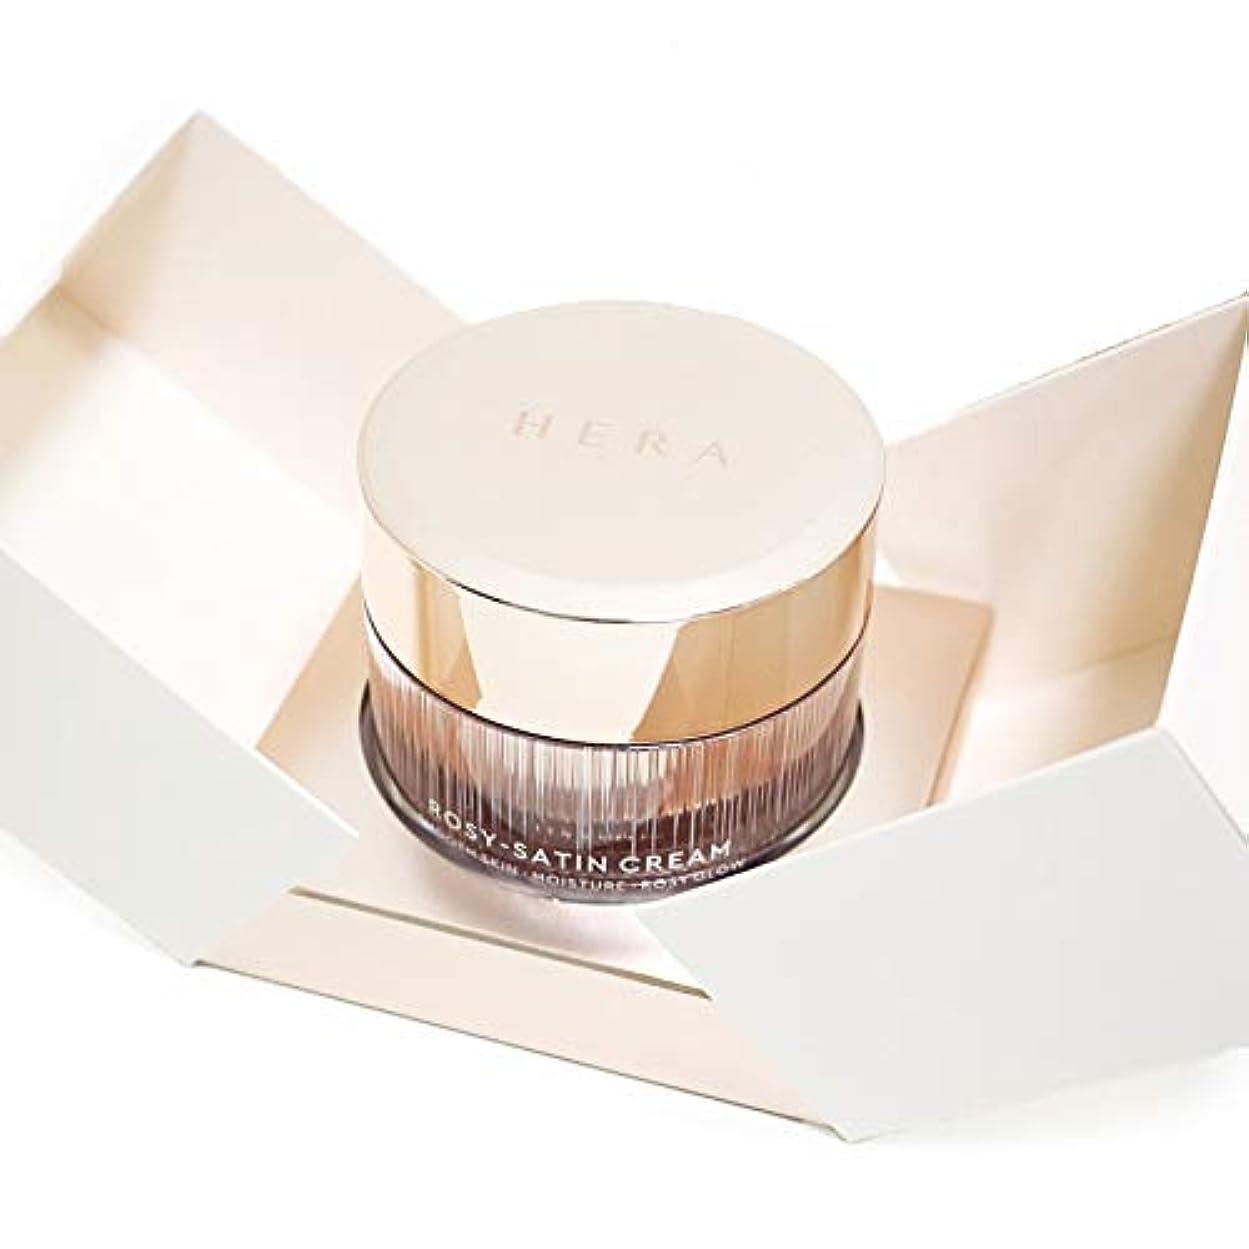 マーチャンダイジング染料健康的[ヘラ HERA] 新発売 ロージーサテンクリーム50ML Rosy-Satin Cream 50ml  海外直送品